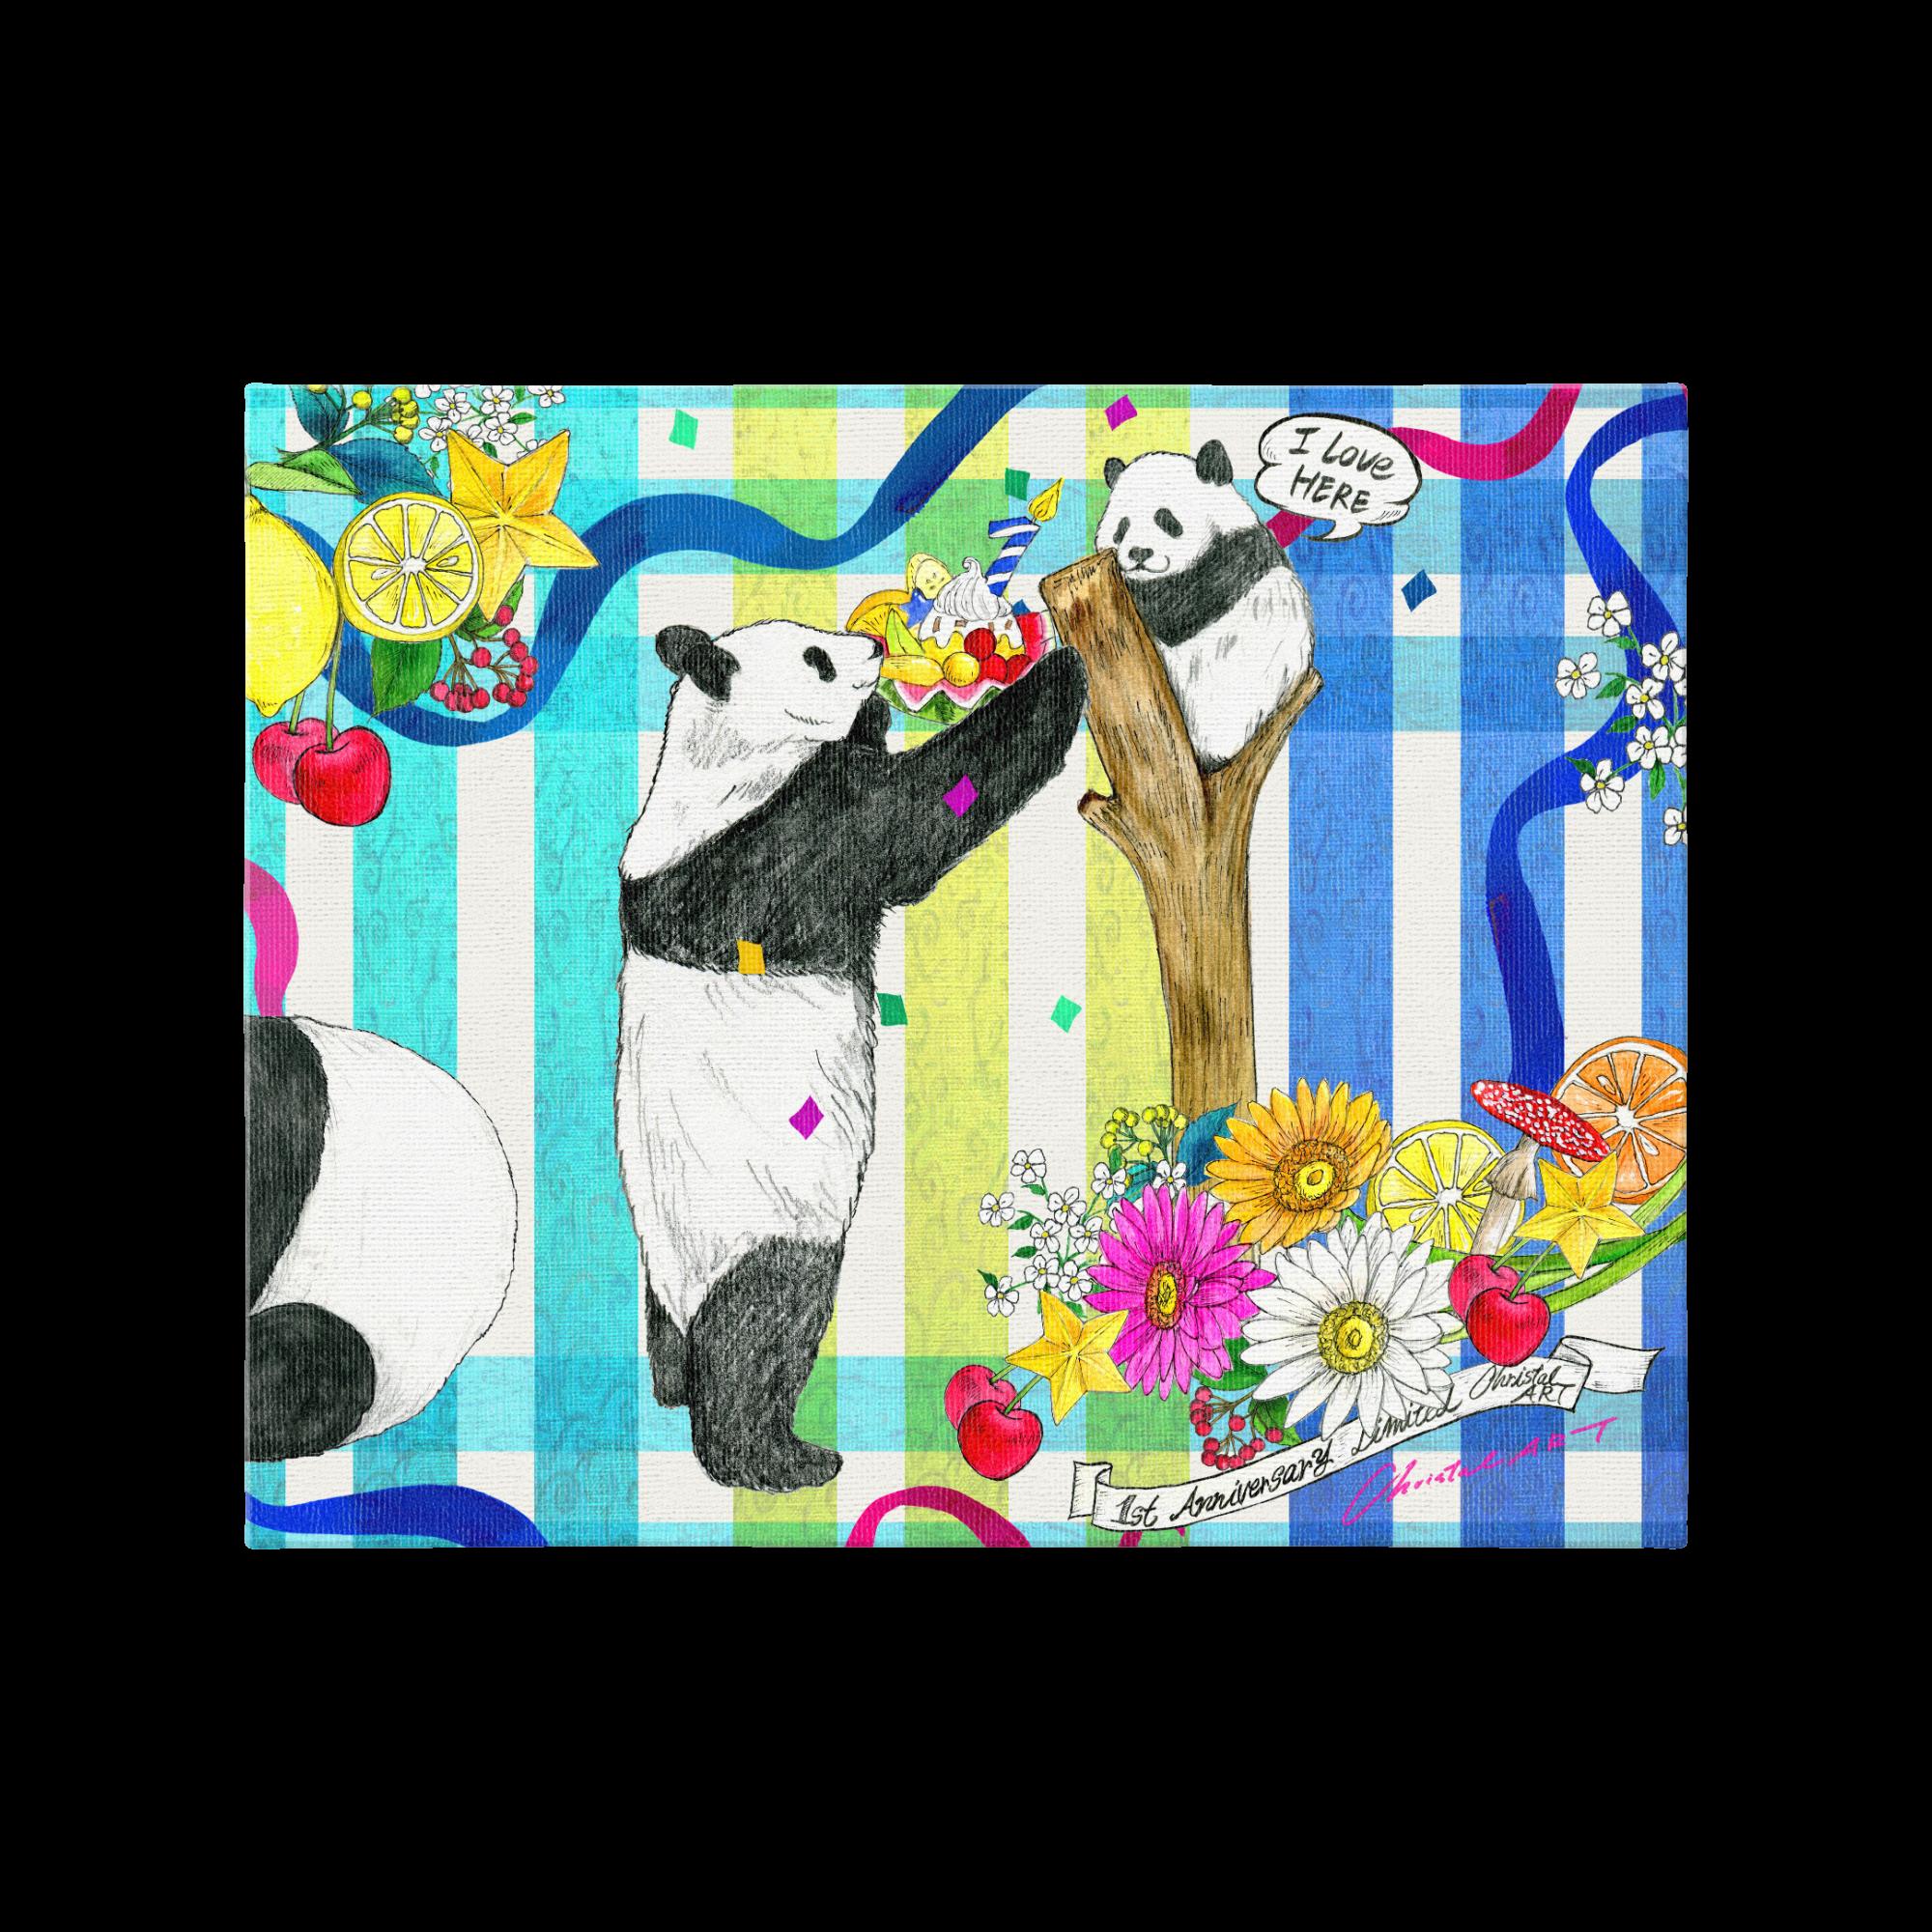 受注生産◆プリントキャンバス◆1歳バースデー記念柄 シャンシャンデザイン◆